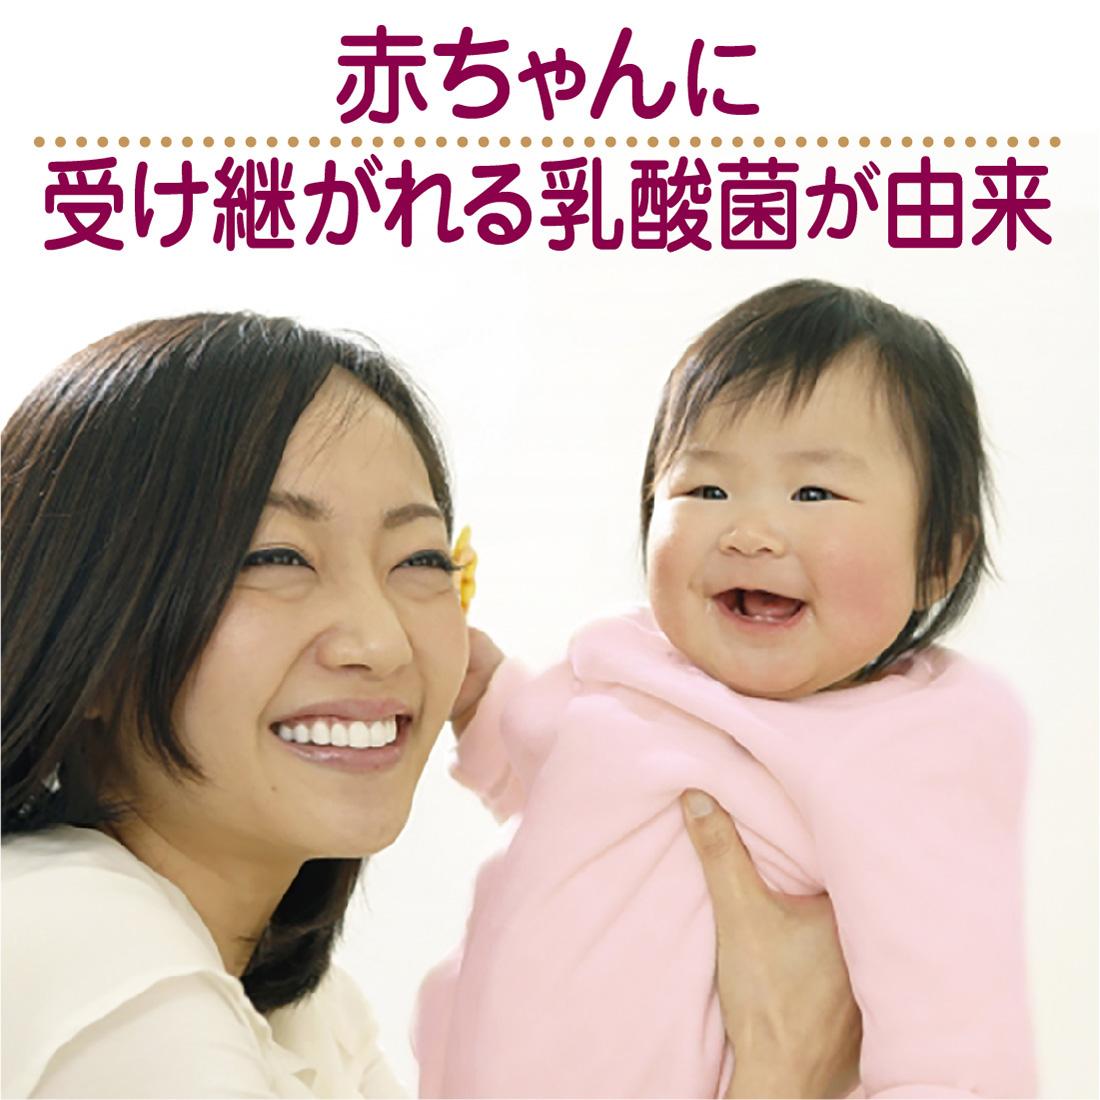 おやすみ乳酸菌 クマザサ なた豆 プロポリス キシリトール配合 口臭予防 歯周病 歯肉炎